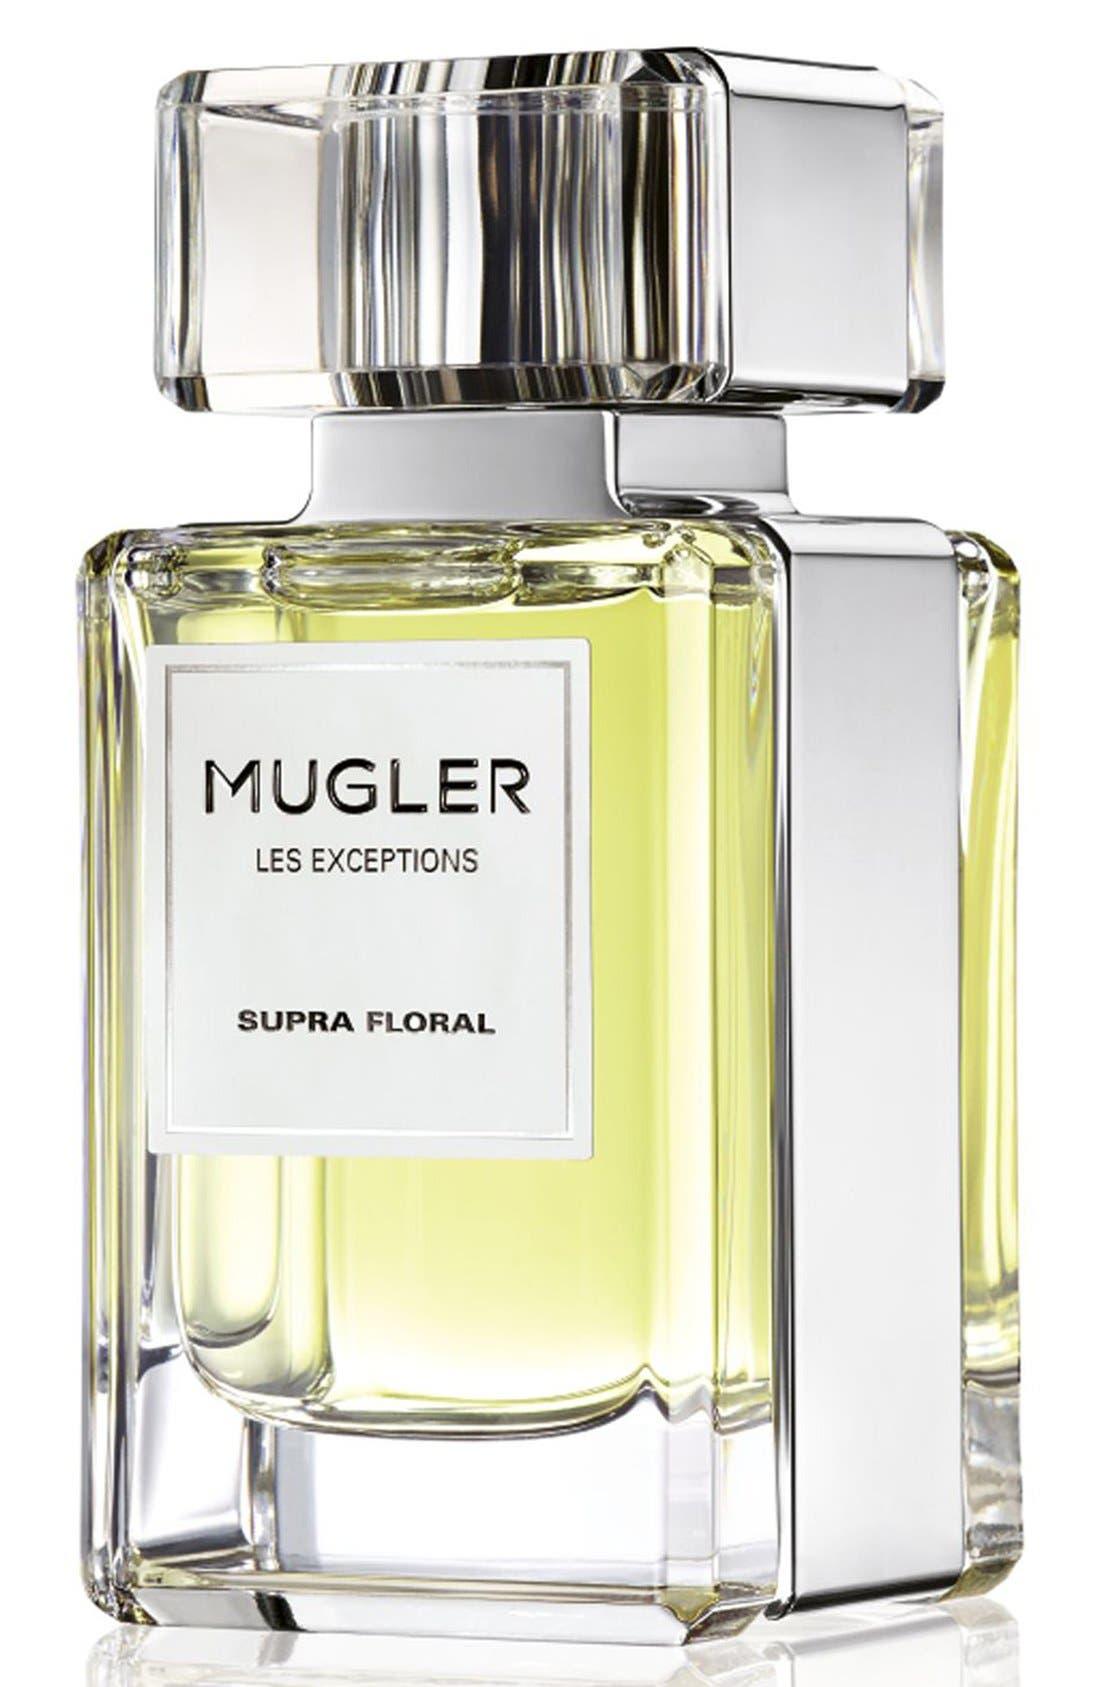 Mugler 'Les Exceptions - Supra Floral' Fragrance